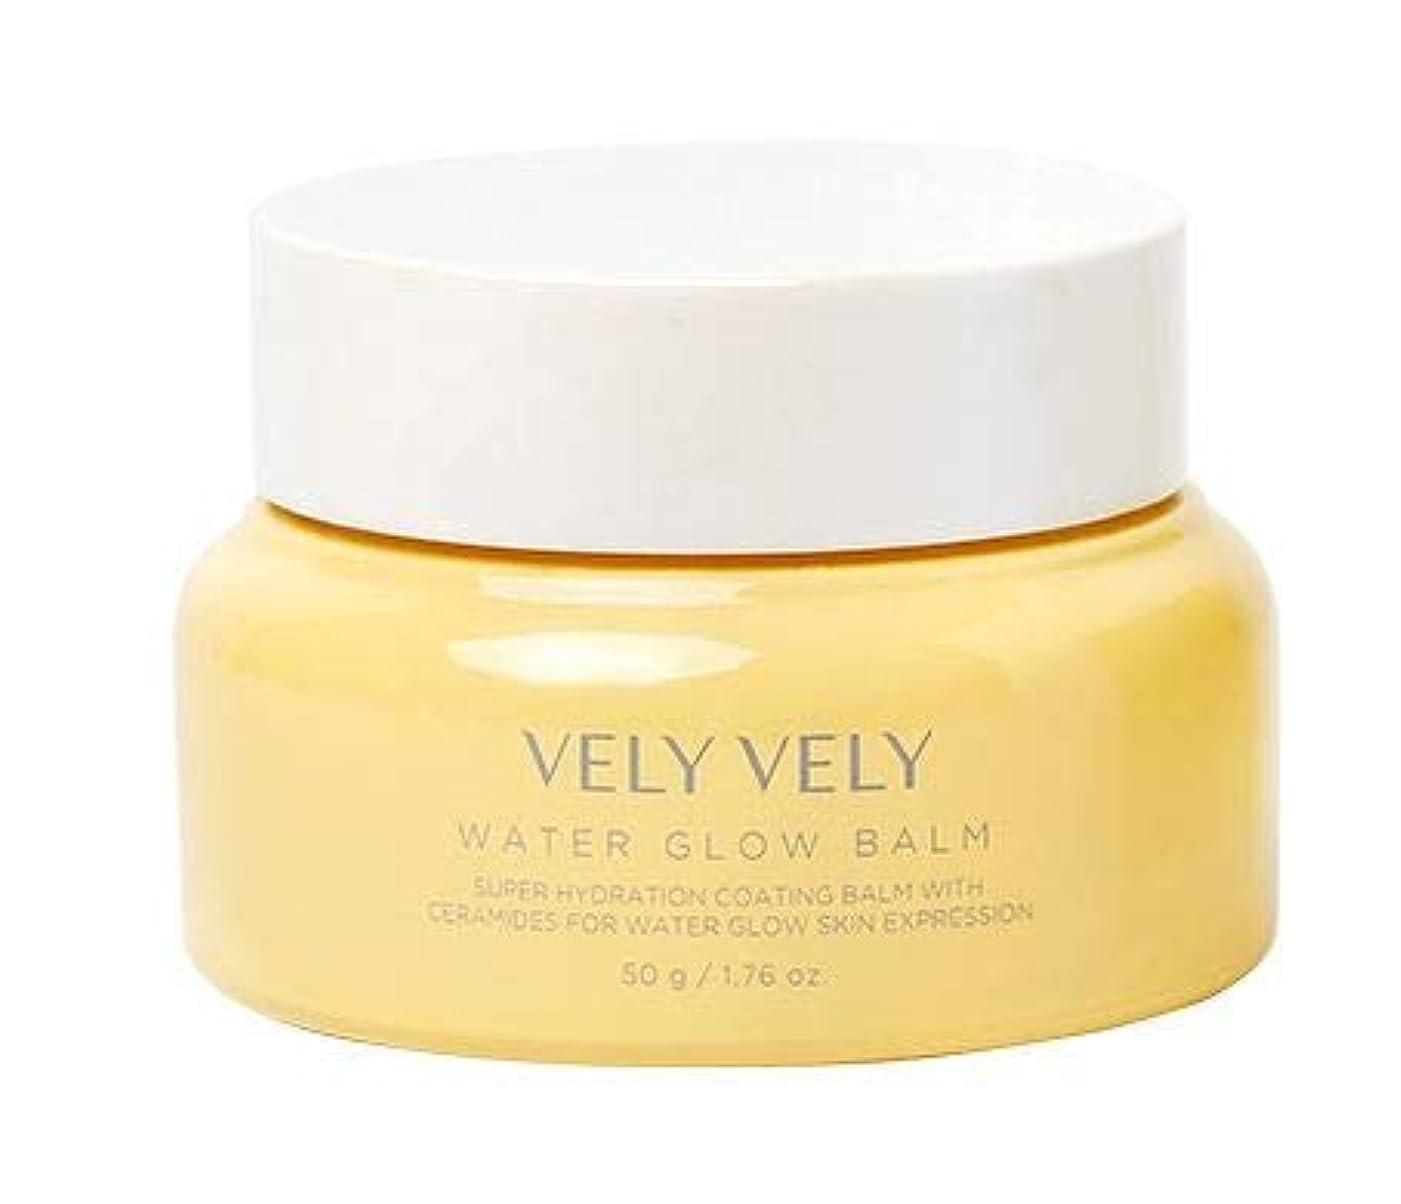 再び水平外国人Vely Vely Water Glow Balm(ウォーターグローバーム) 50g [並行輸入品]